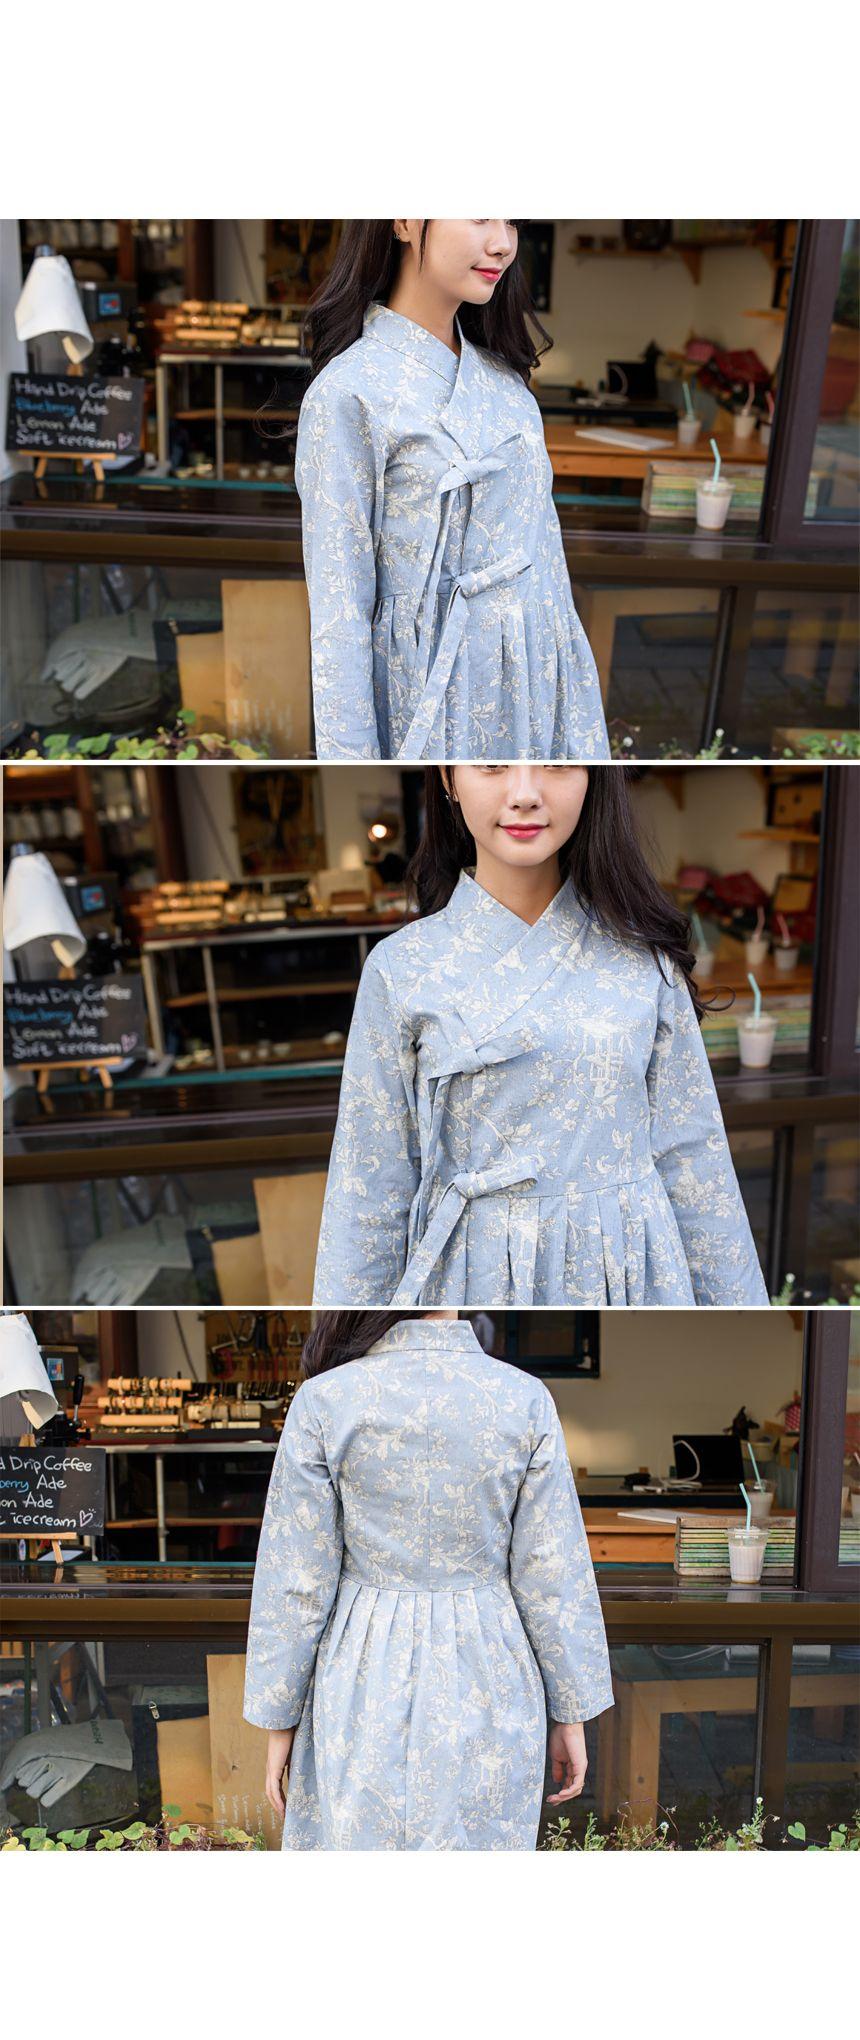 생활한복 개량한복 한룩 korean wave traditional clothing in